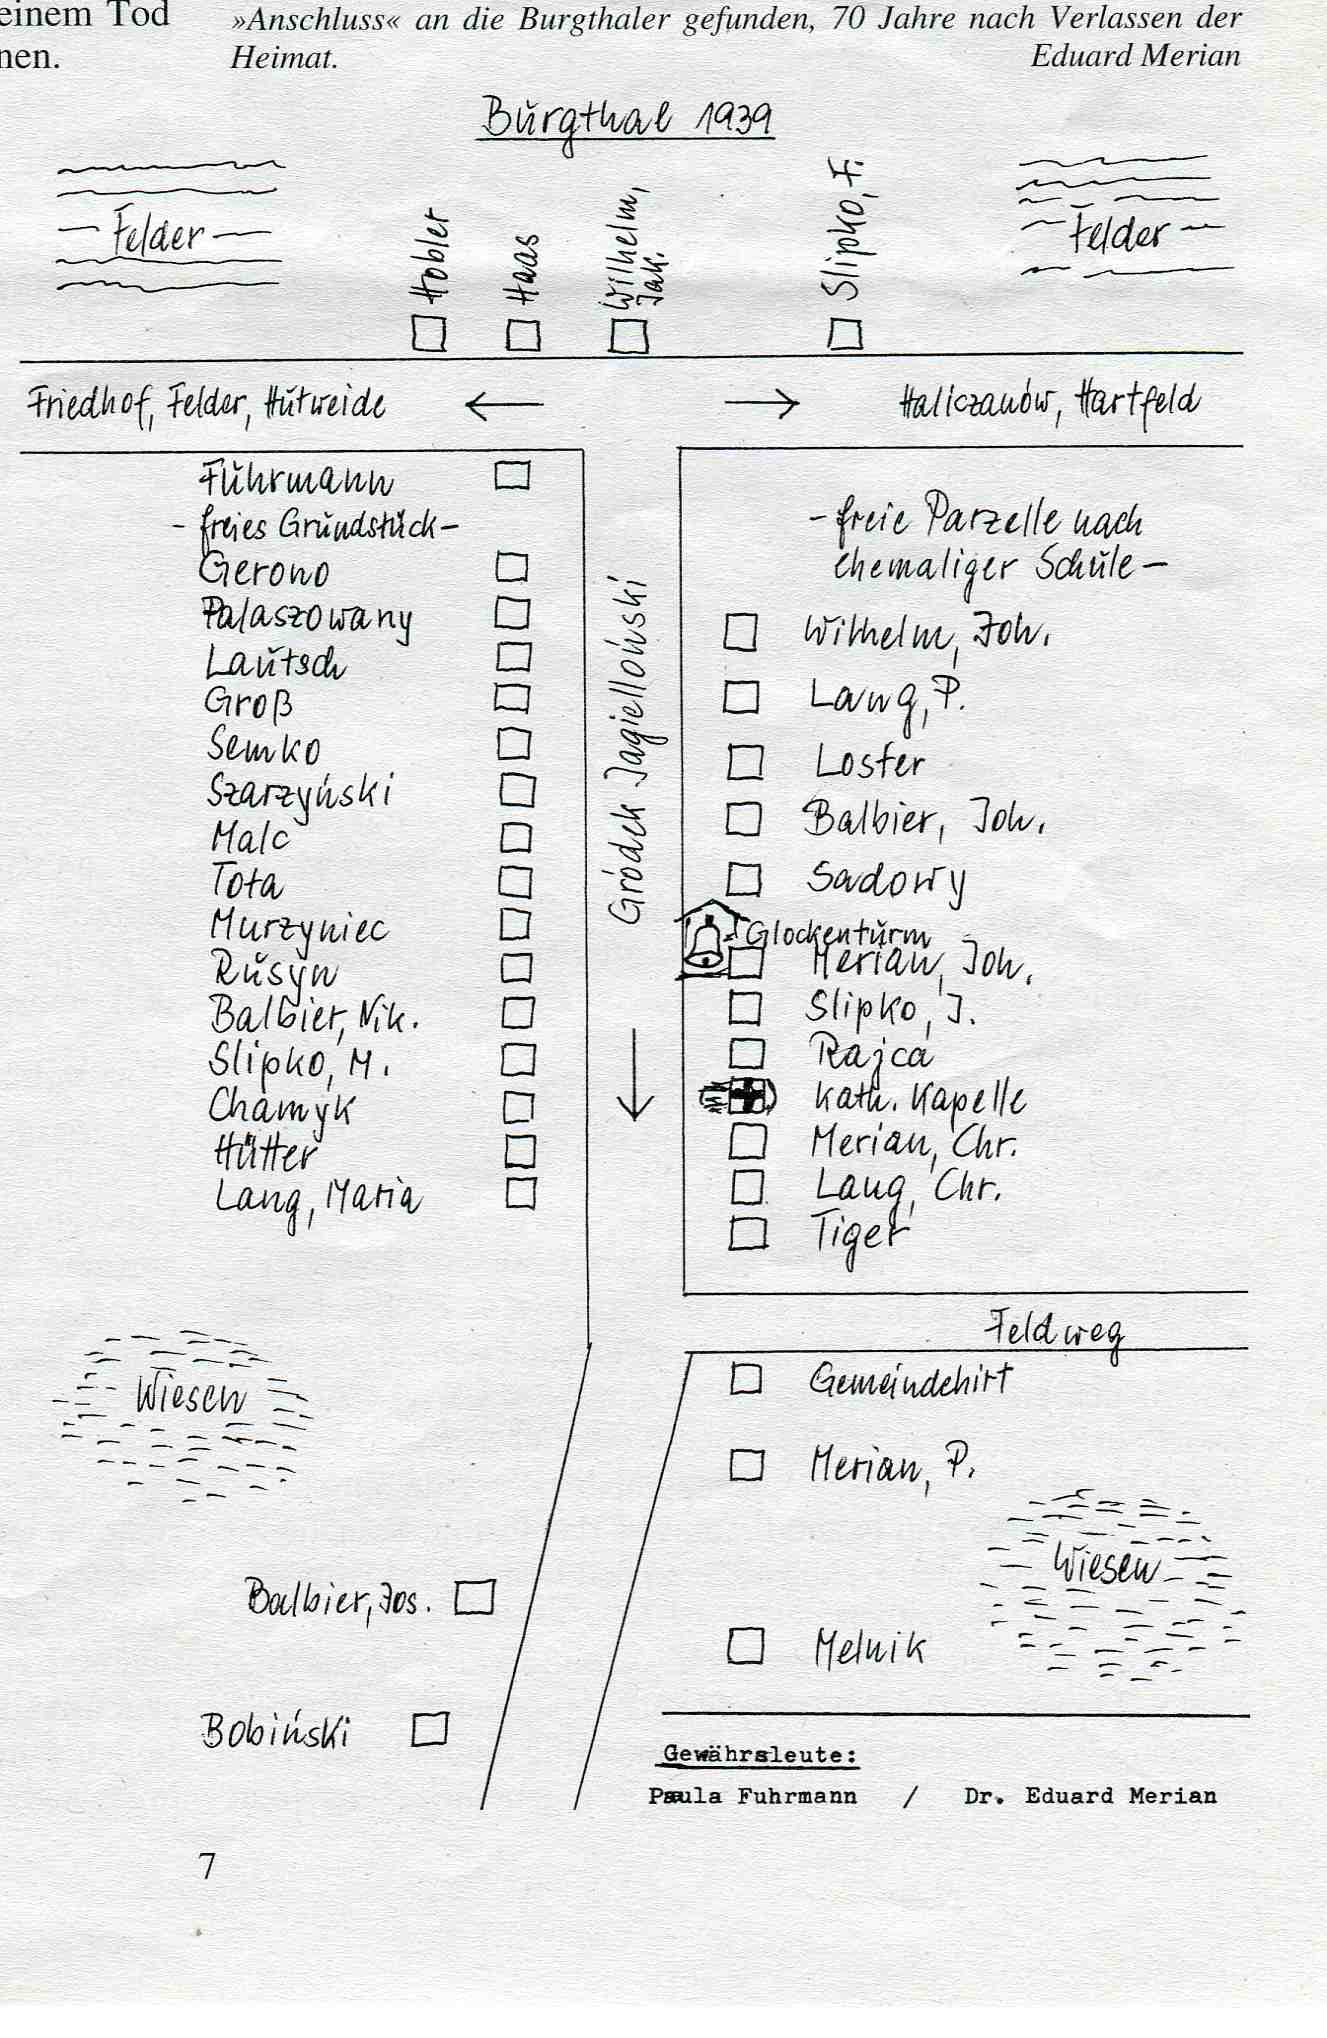 Plan von Burgthal 1939(bereitgestellt von Alfred Konrad)